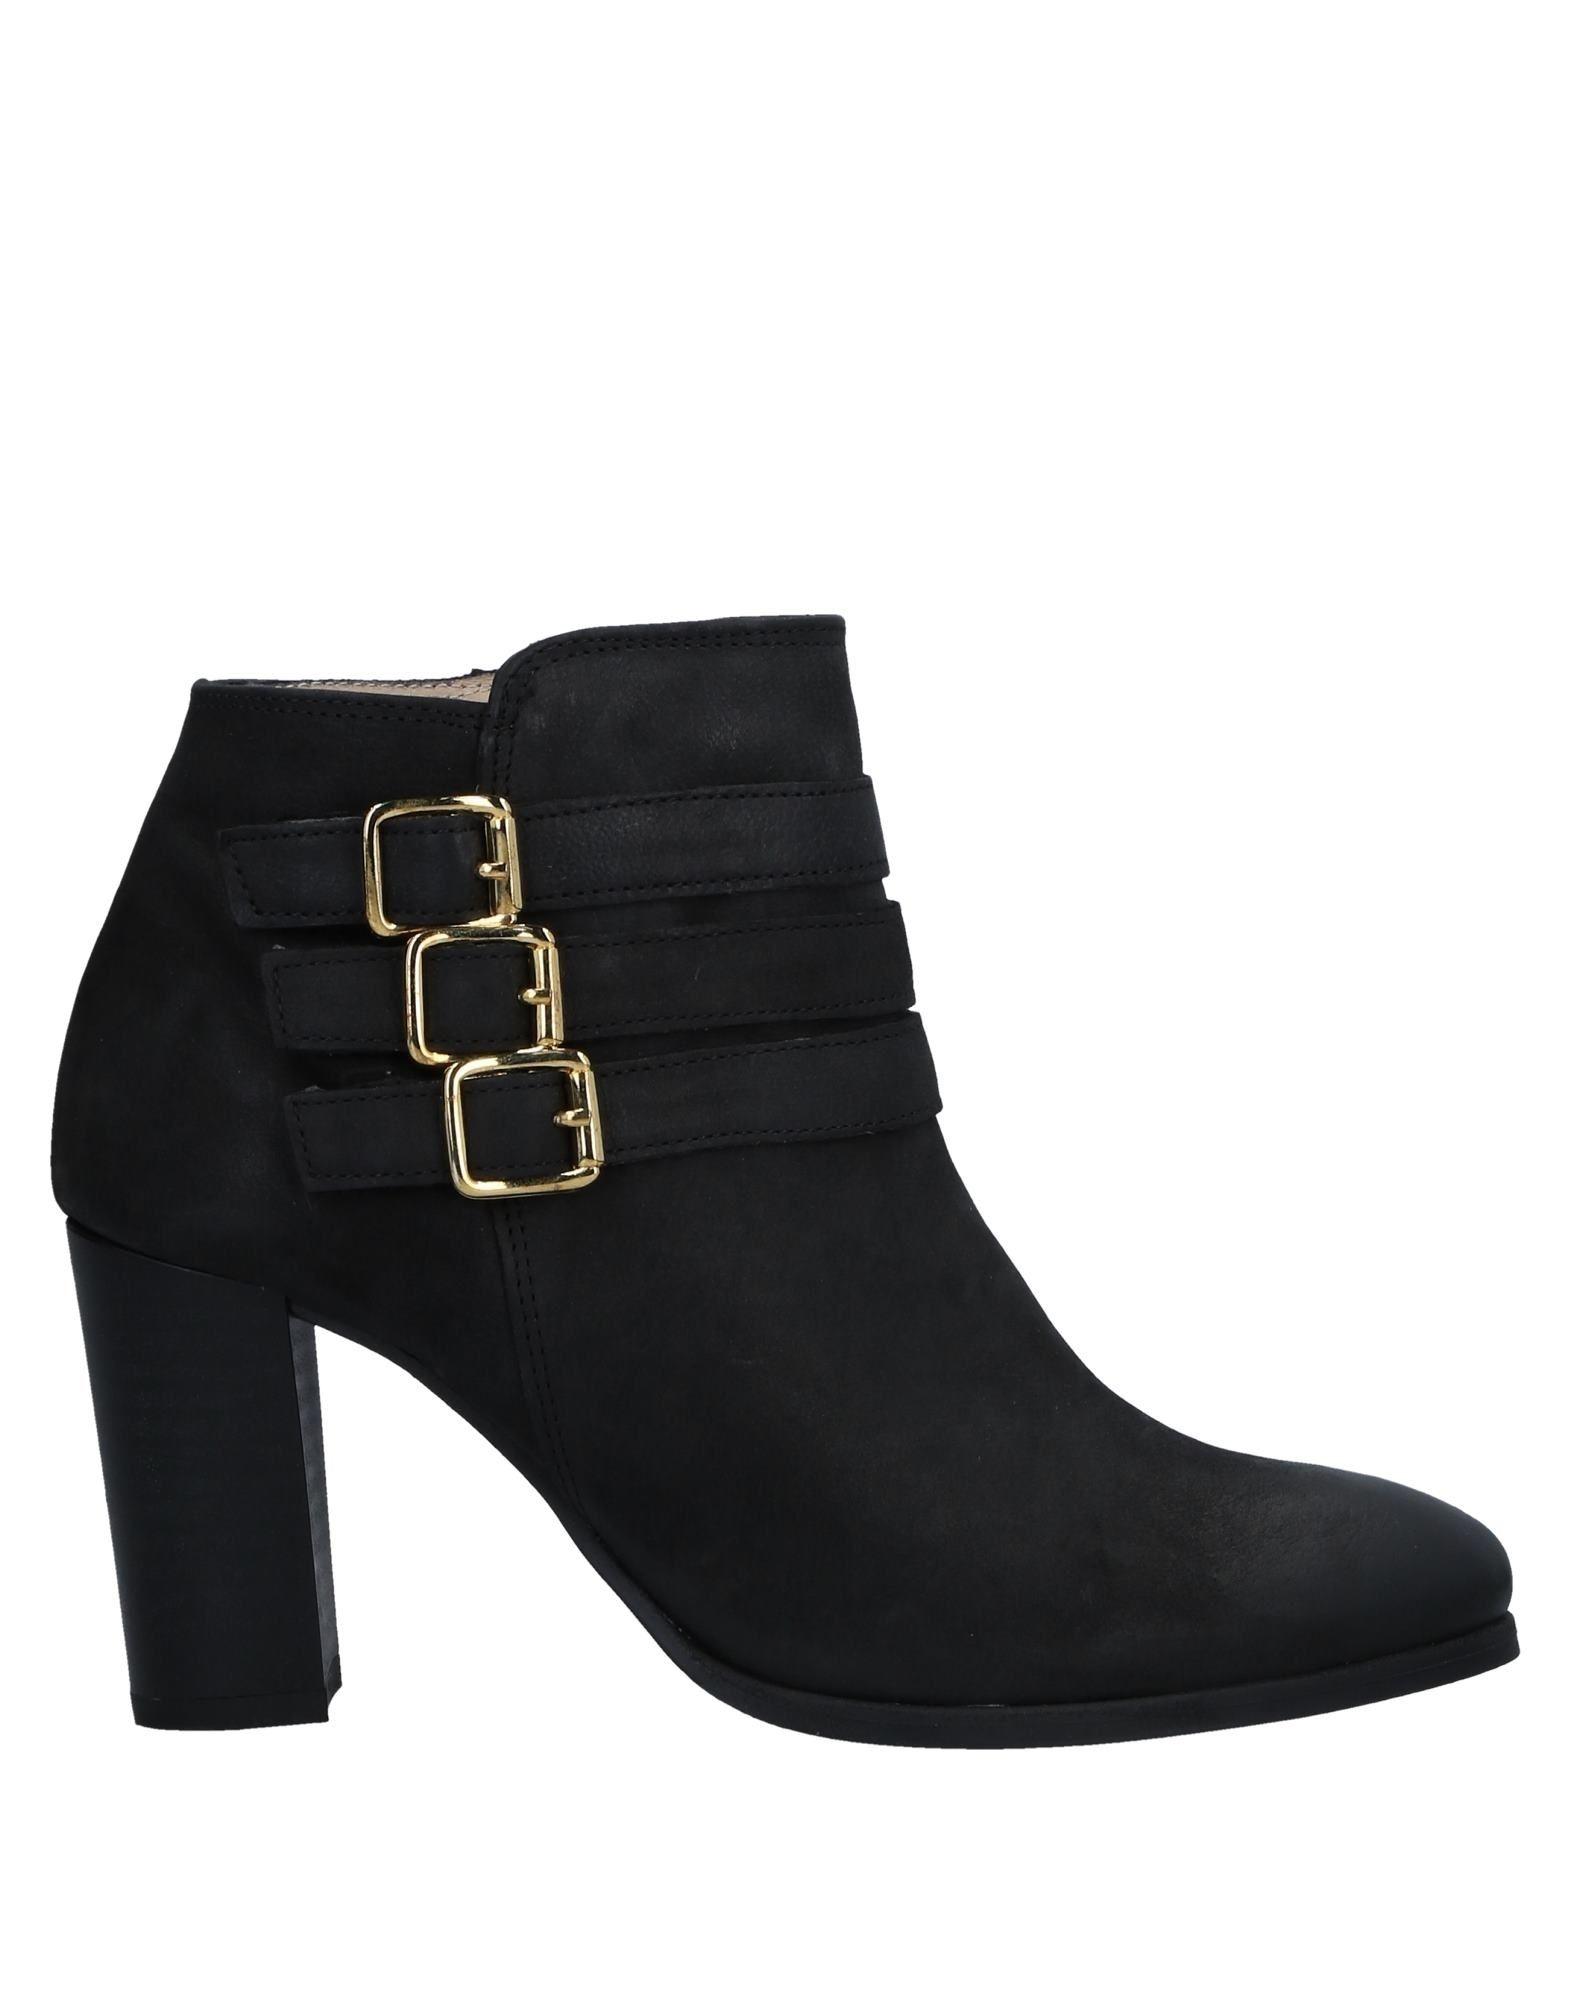 Gianni Gregori® Stiefelette Damen  11520088WB Gute Qualität beliebte Schuhe